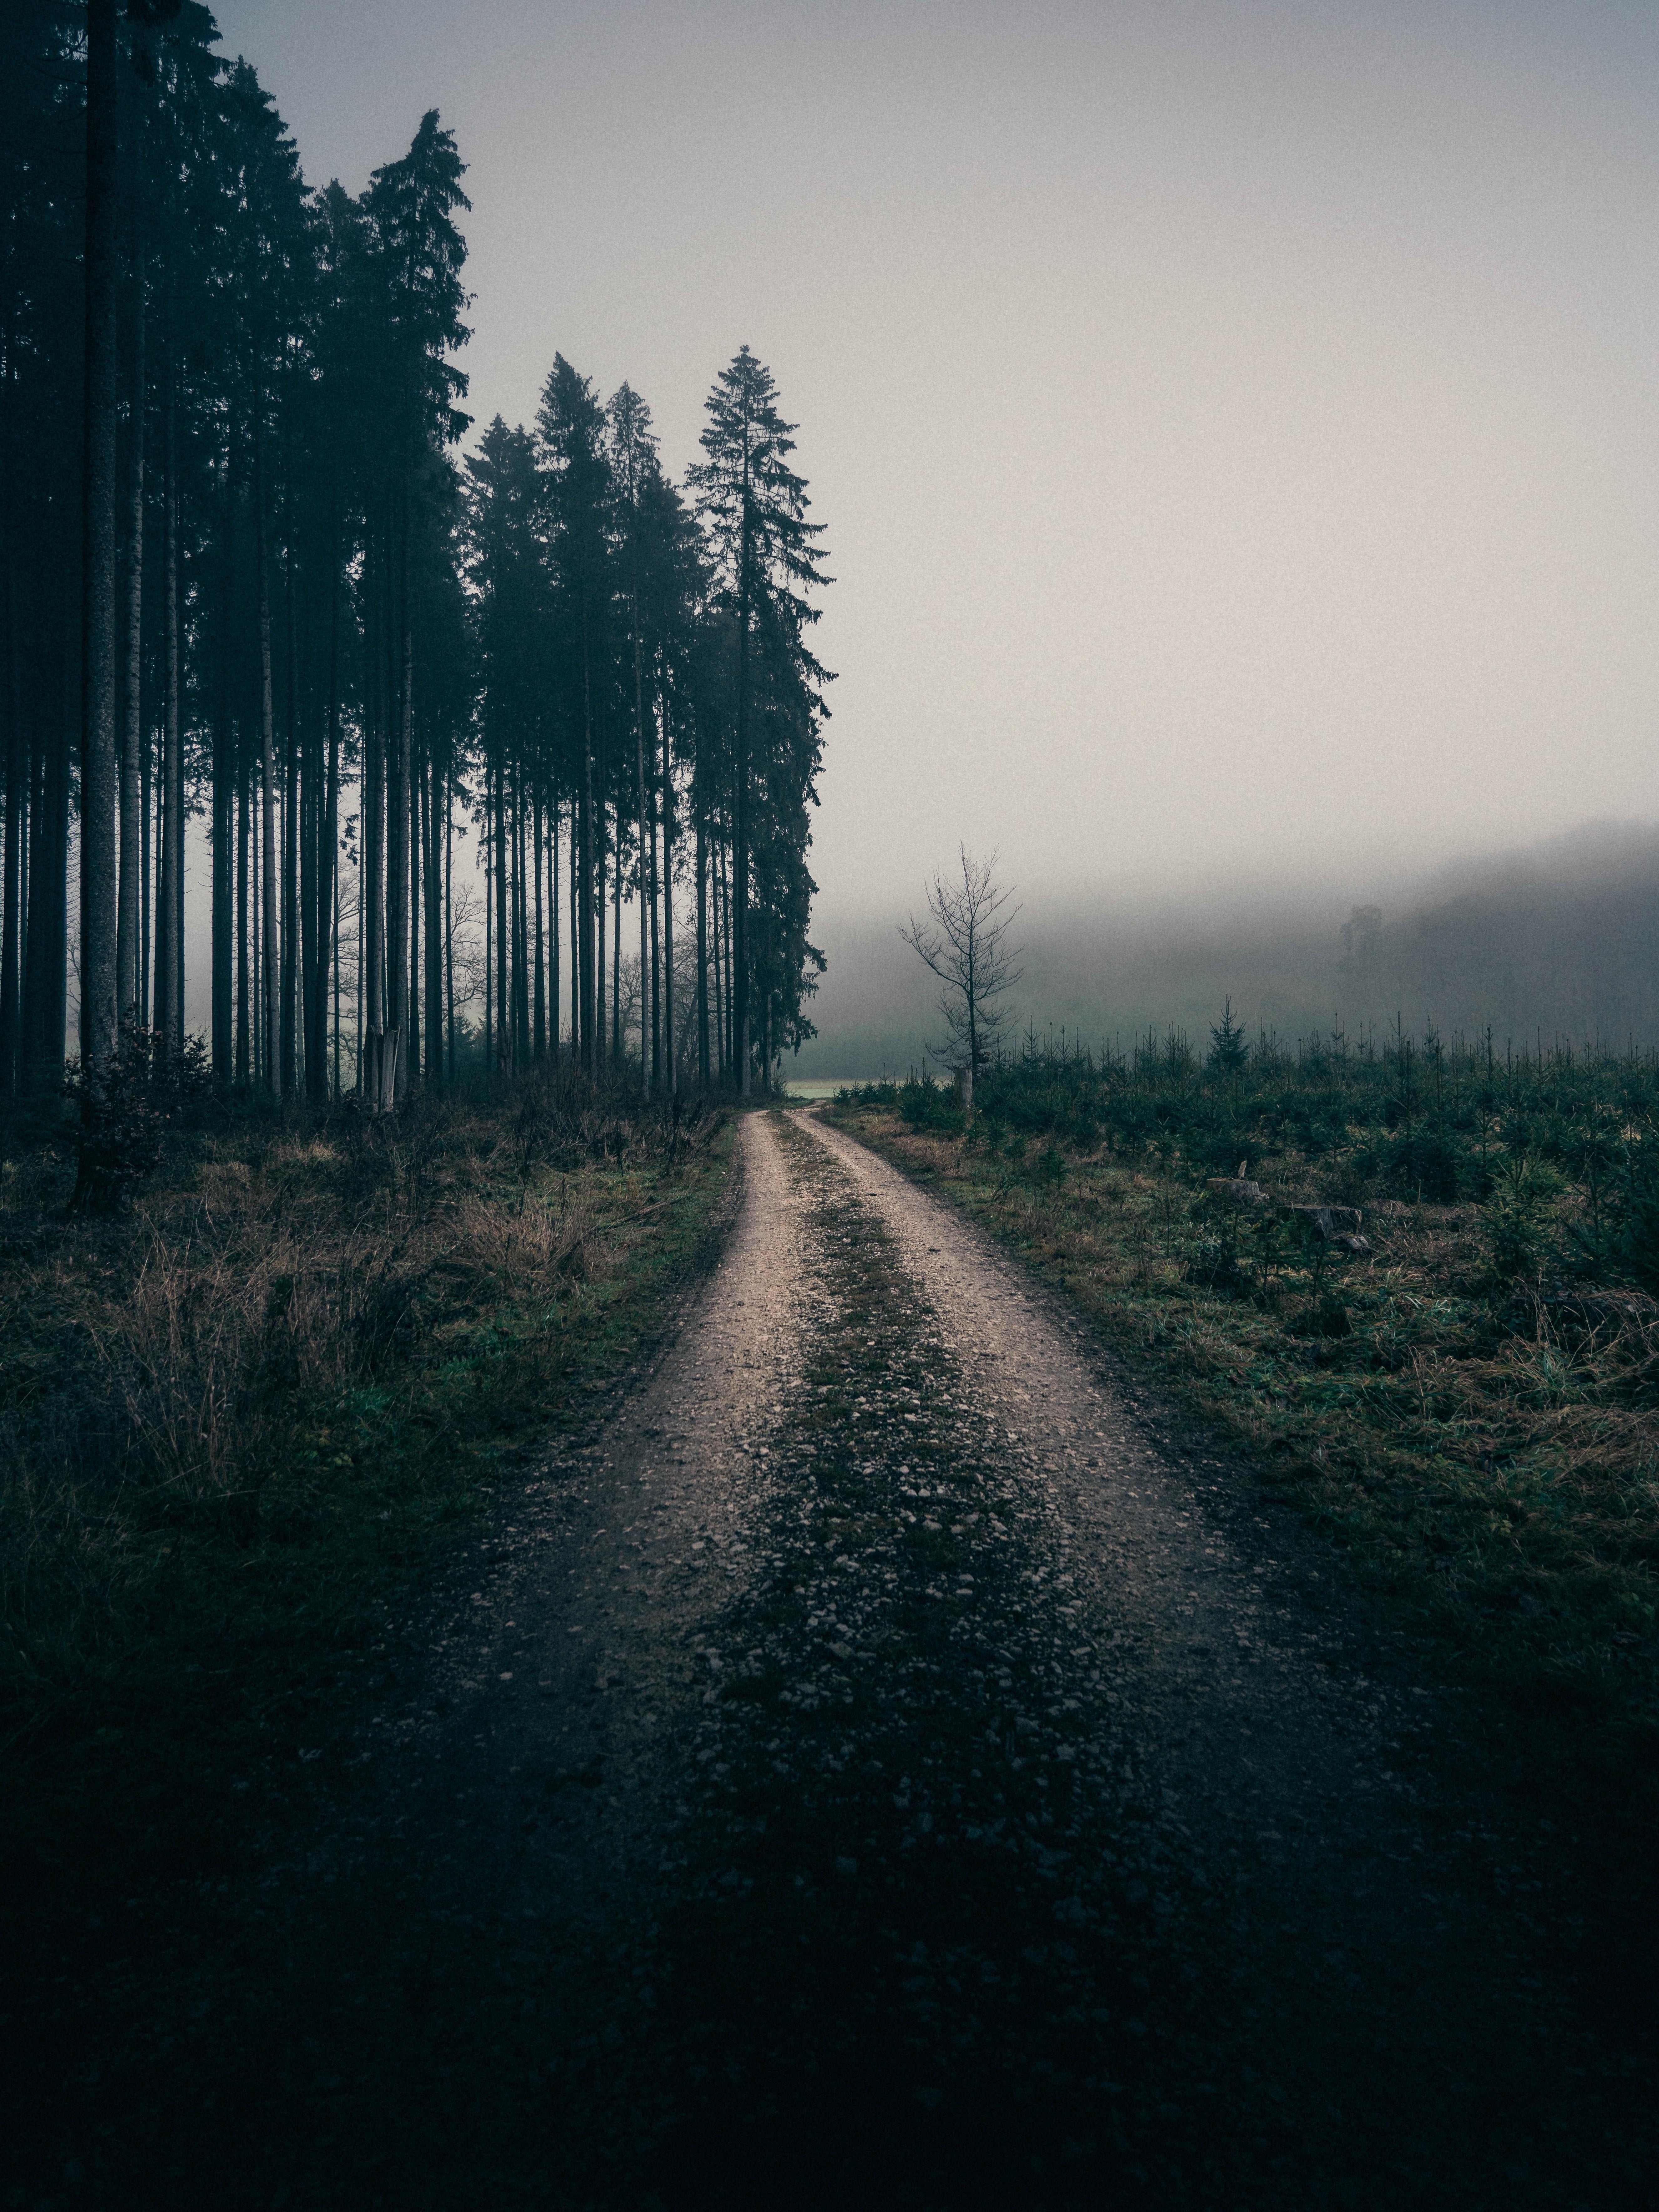 56684 скачать обои Пейзаж, Природа, Деревья, Дорога, Туман - заставки и картинки бесплатно